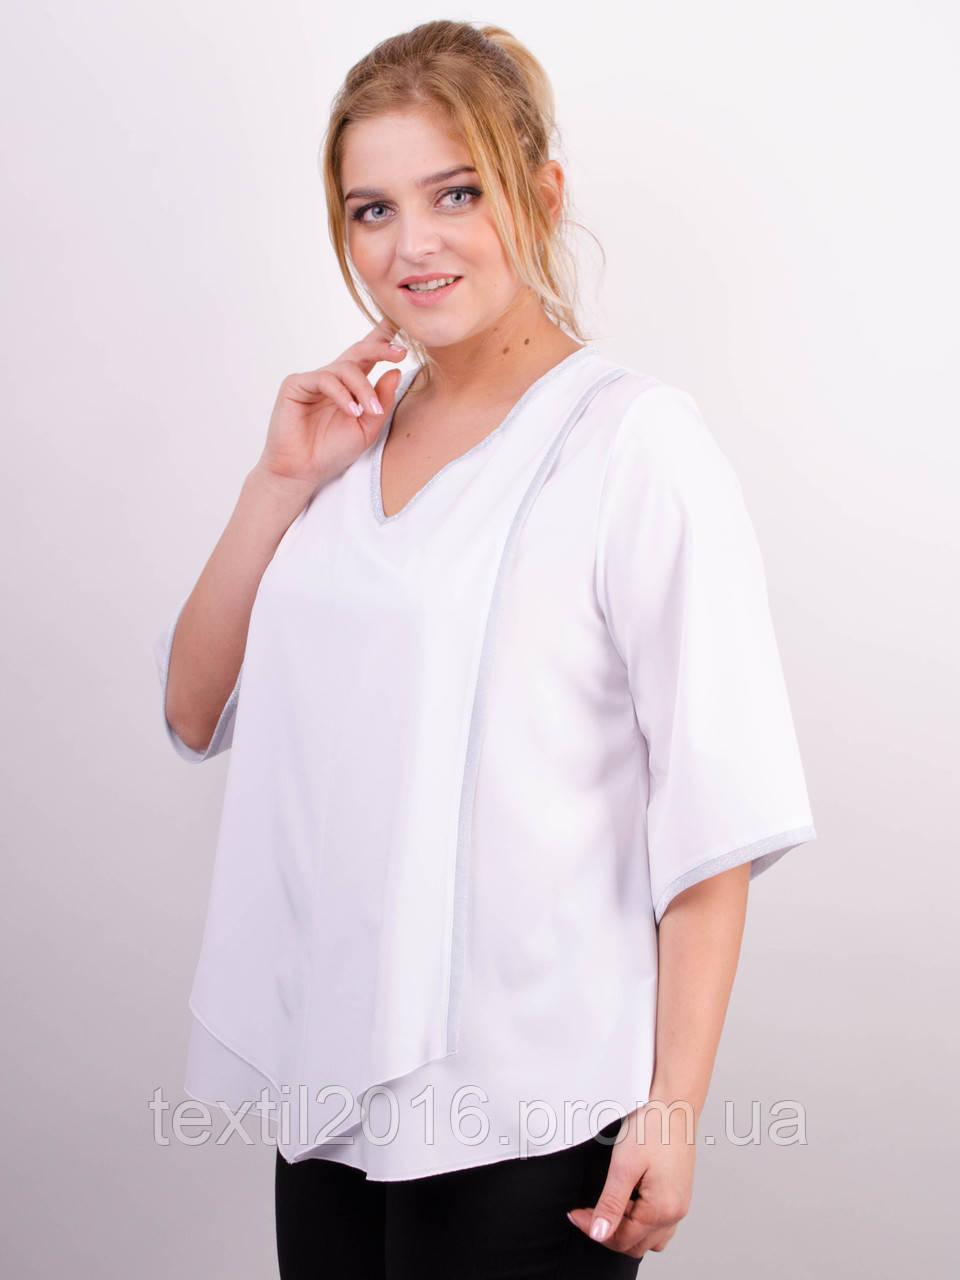 Марина. Белая женская блуза больших размеров.